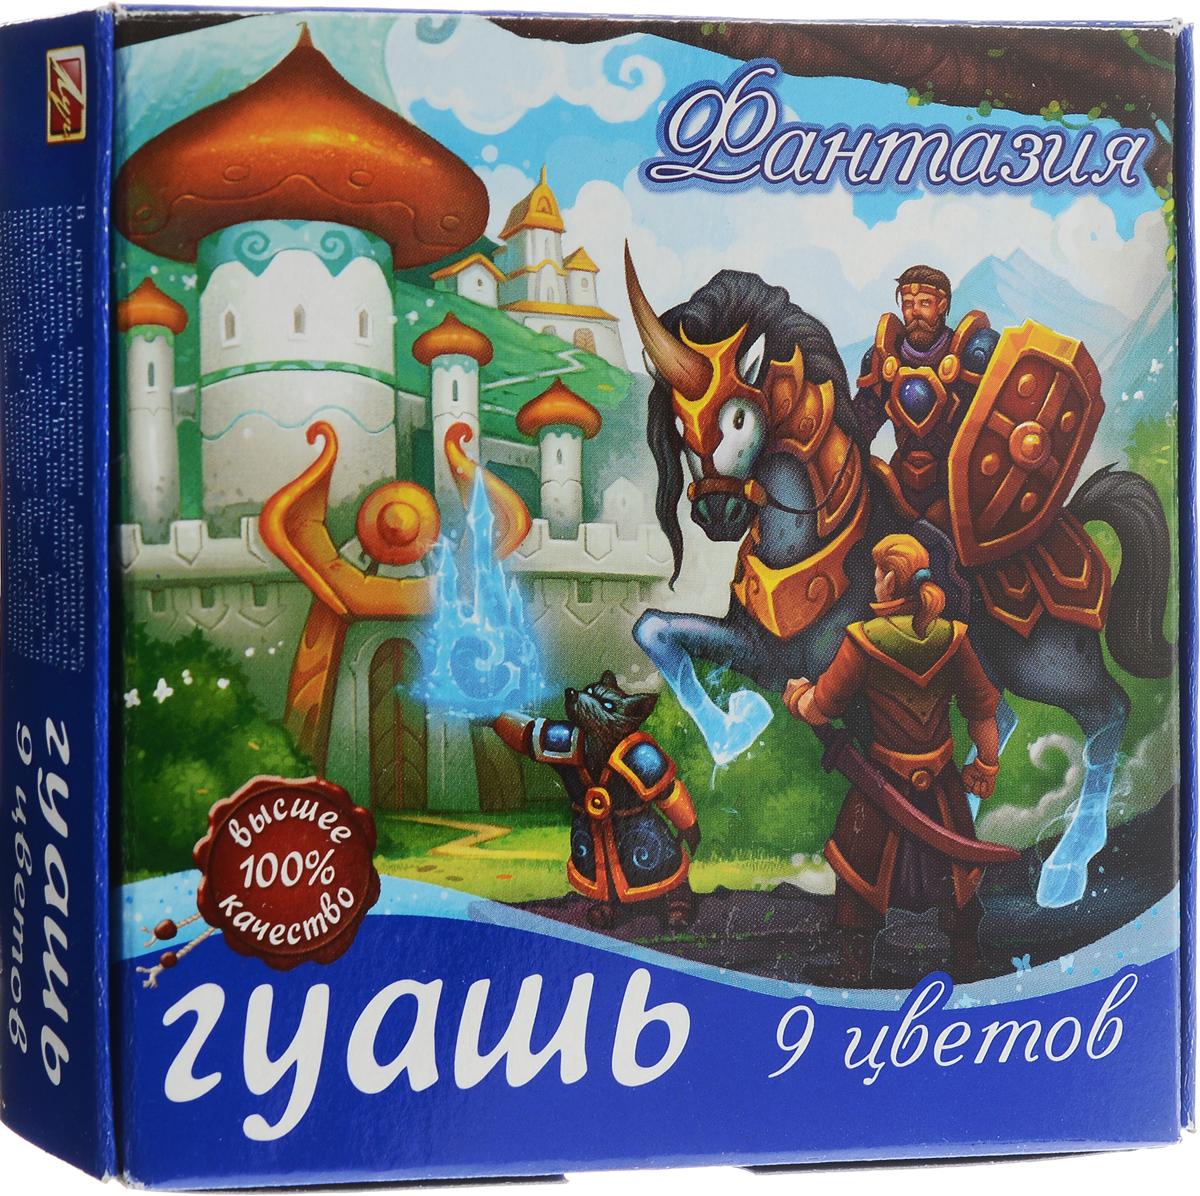 Луч Гуашь Фантазия 9 цветов цвет коробки синий